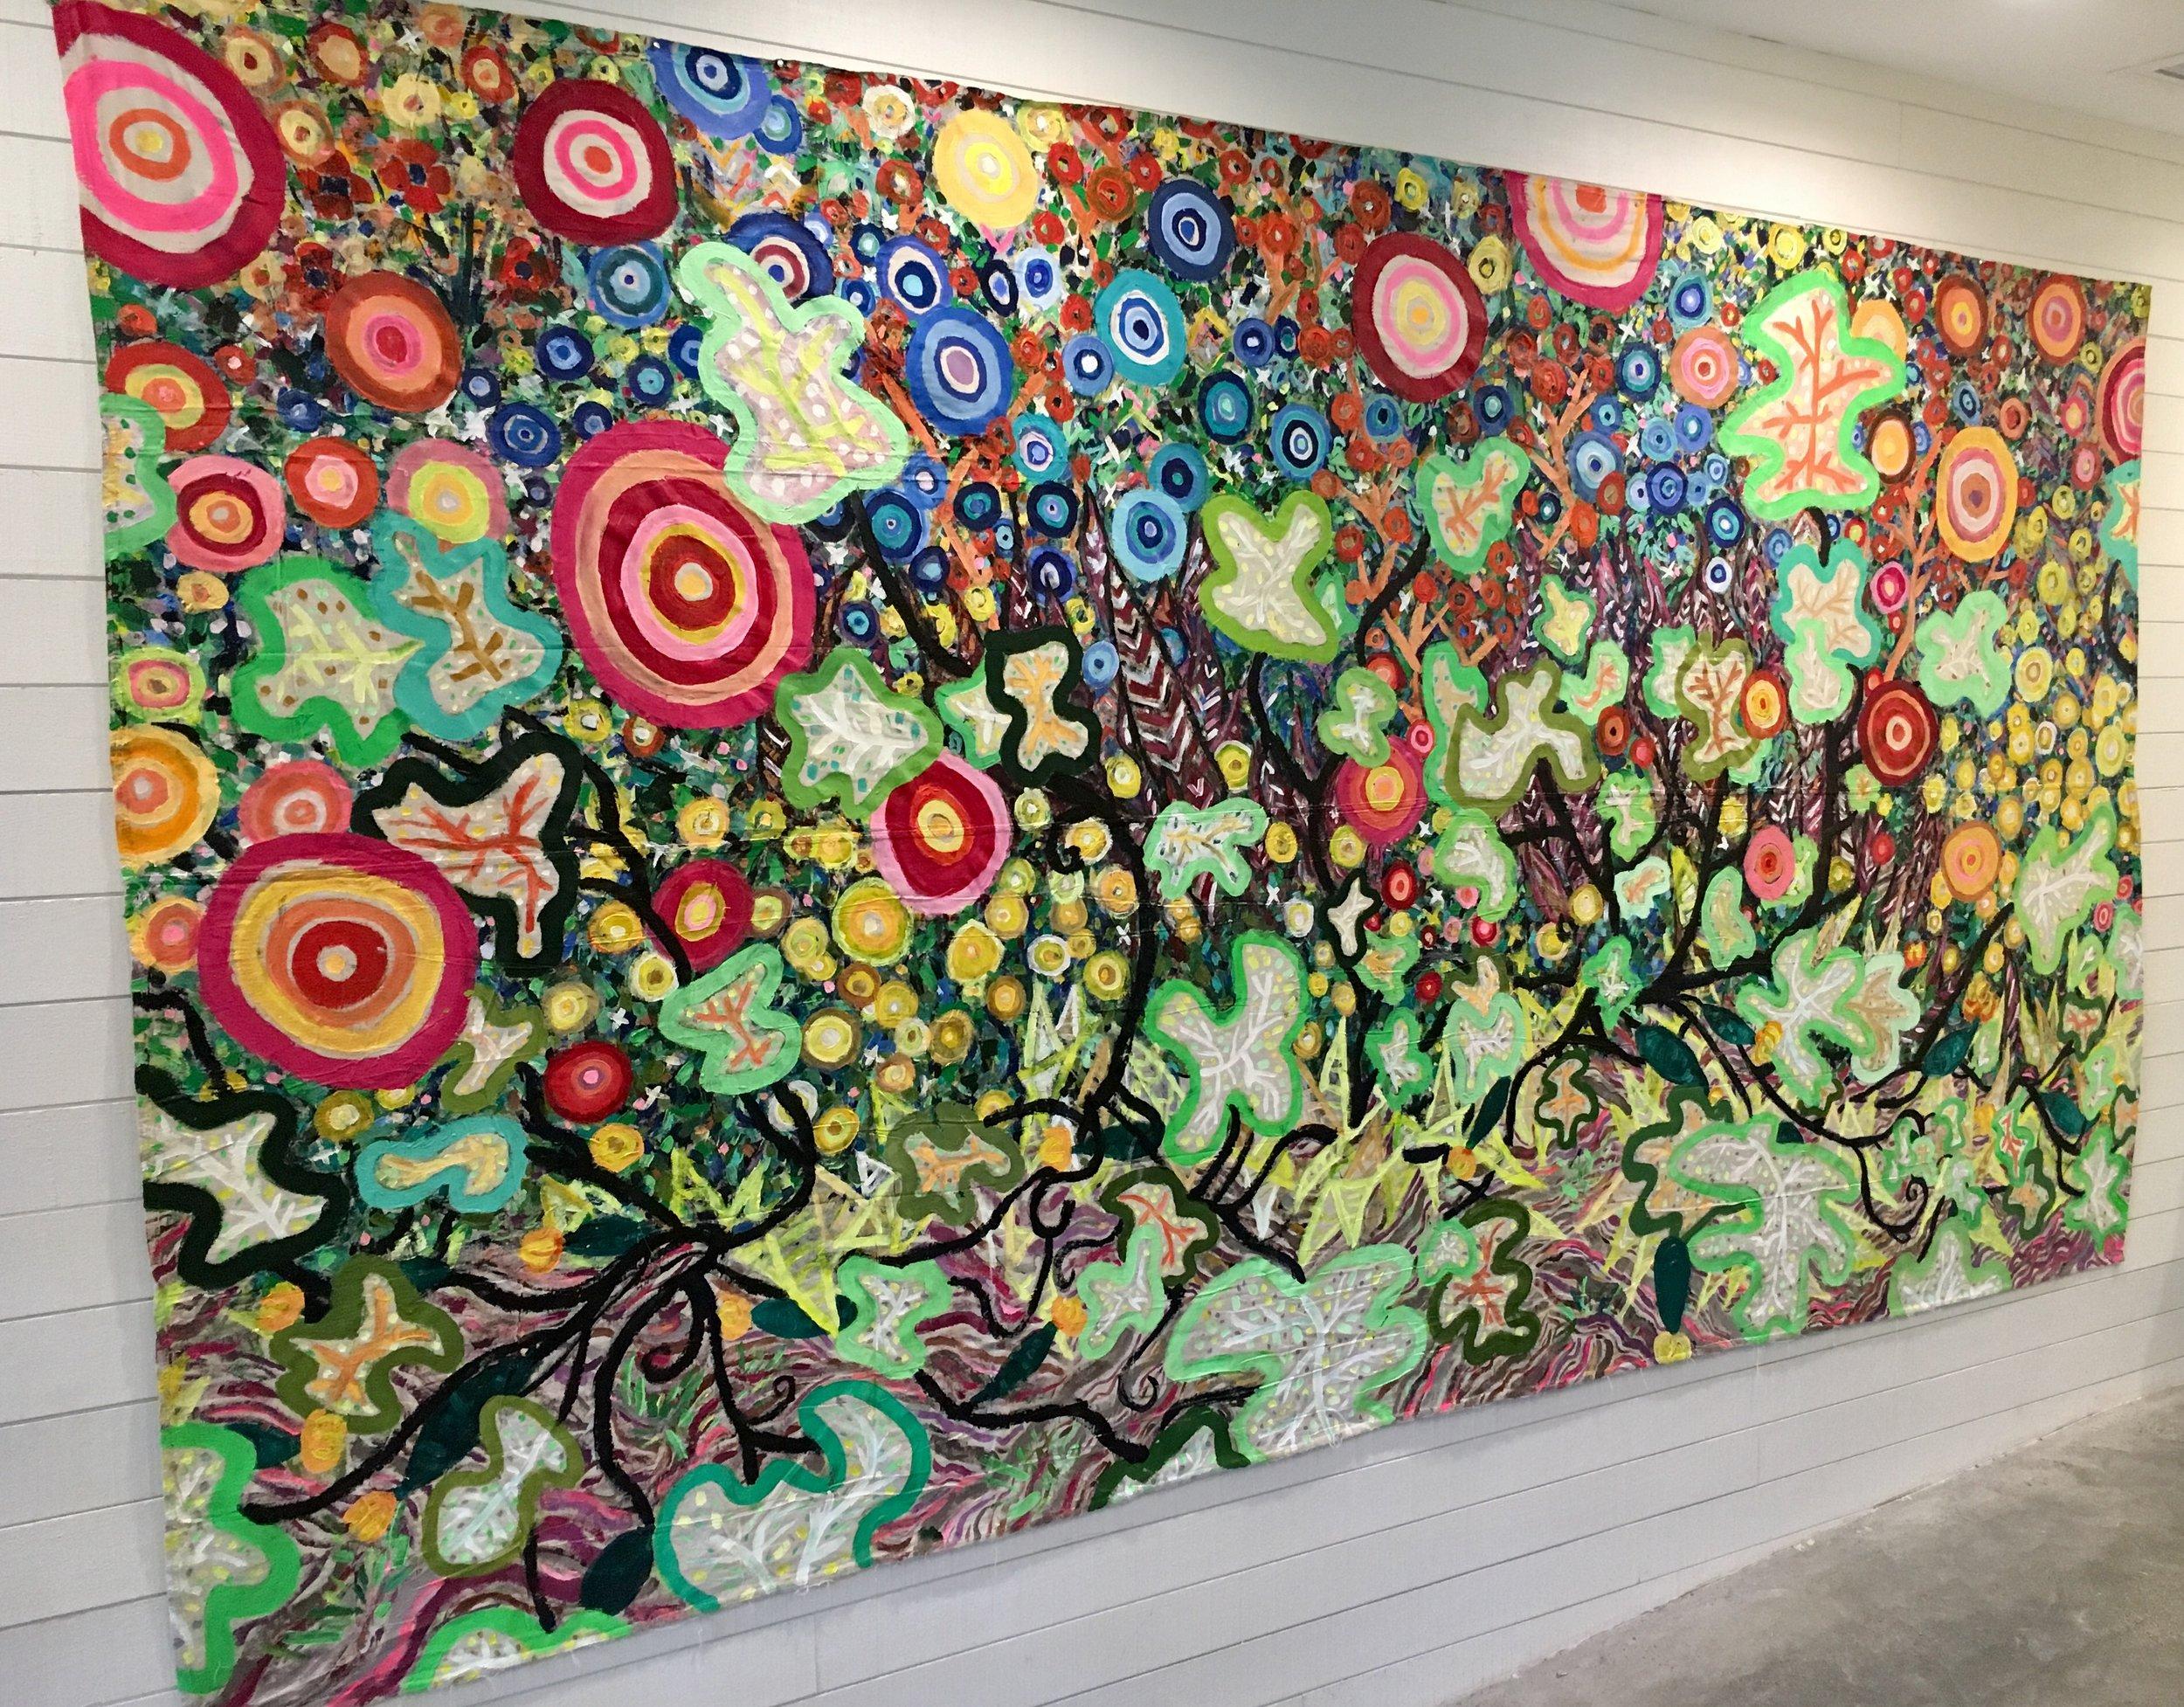 Bloomfield Mural